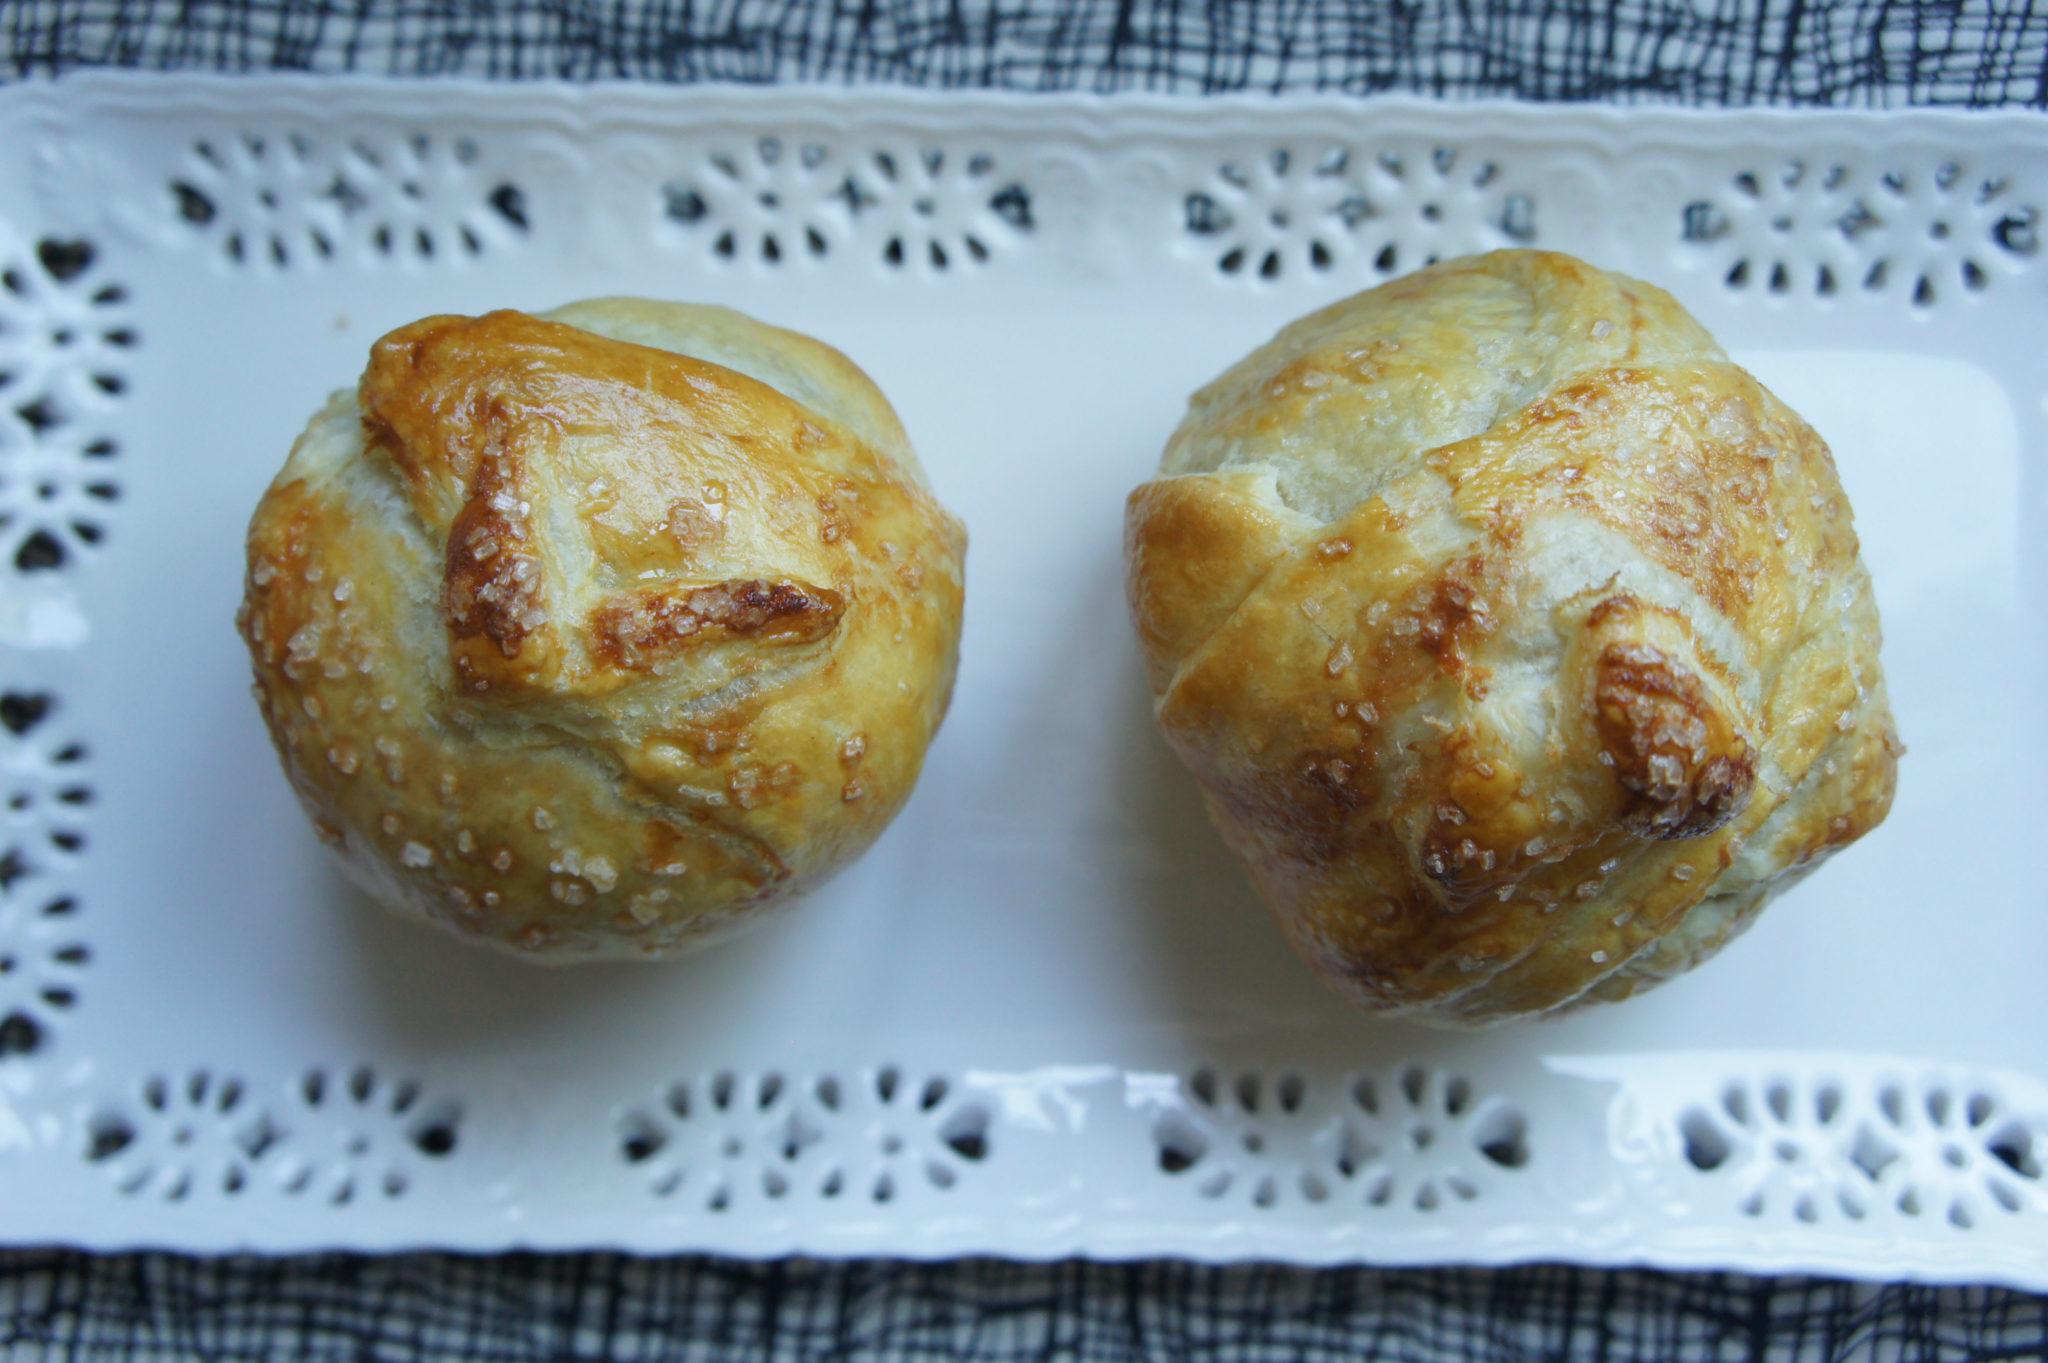 Rosh Hashanah meals